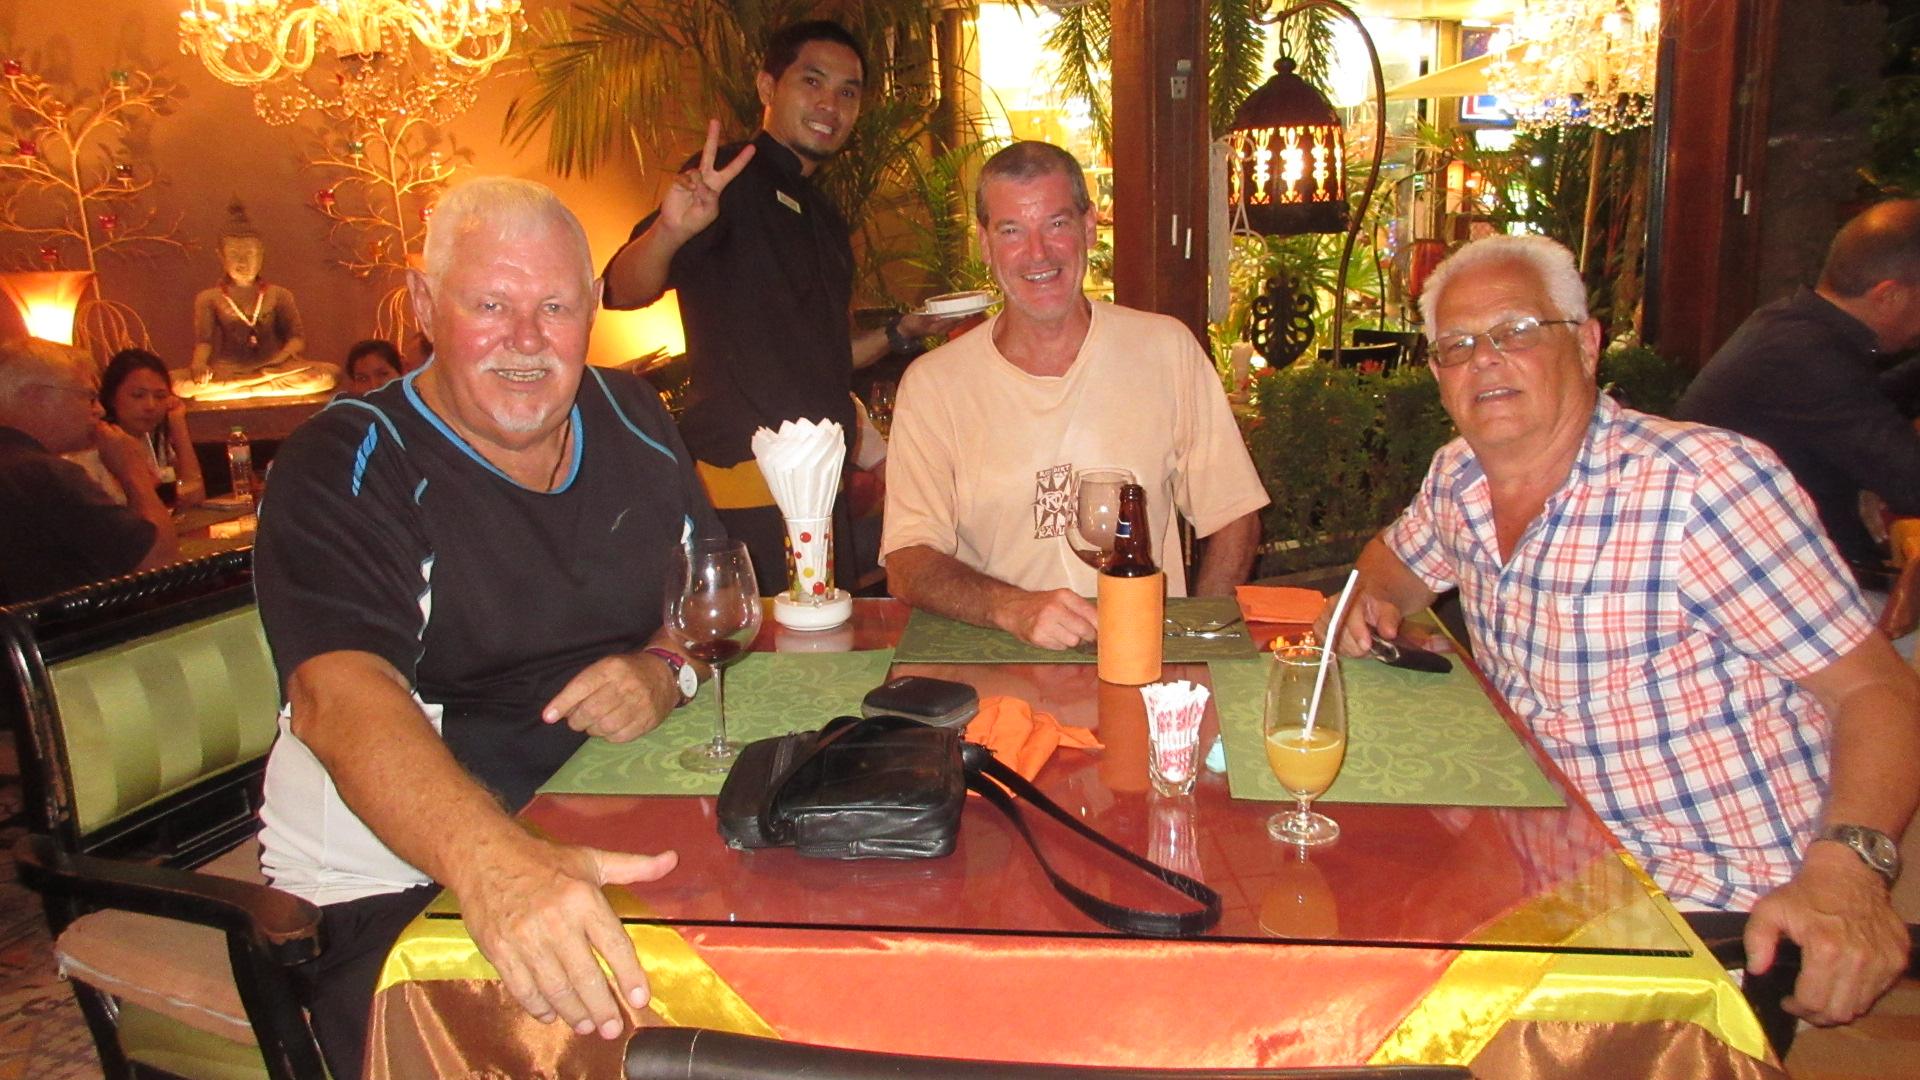 Natans-French-Restaurant-Pattaya